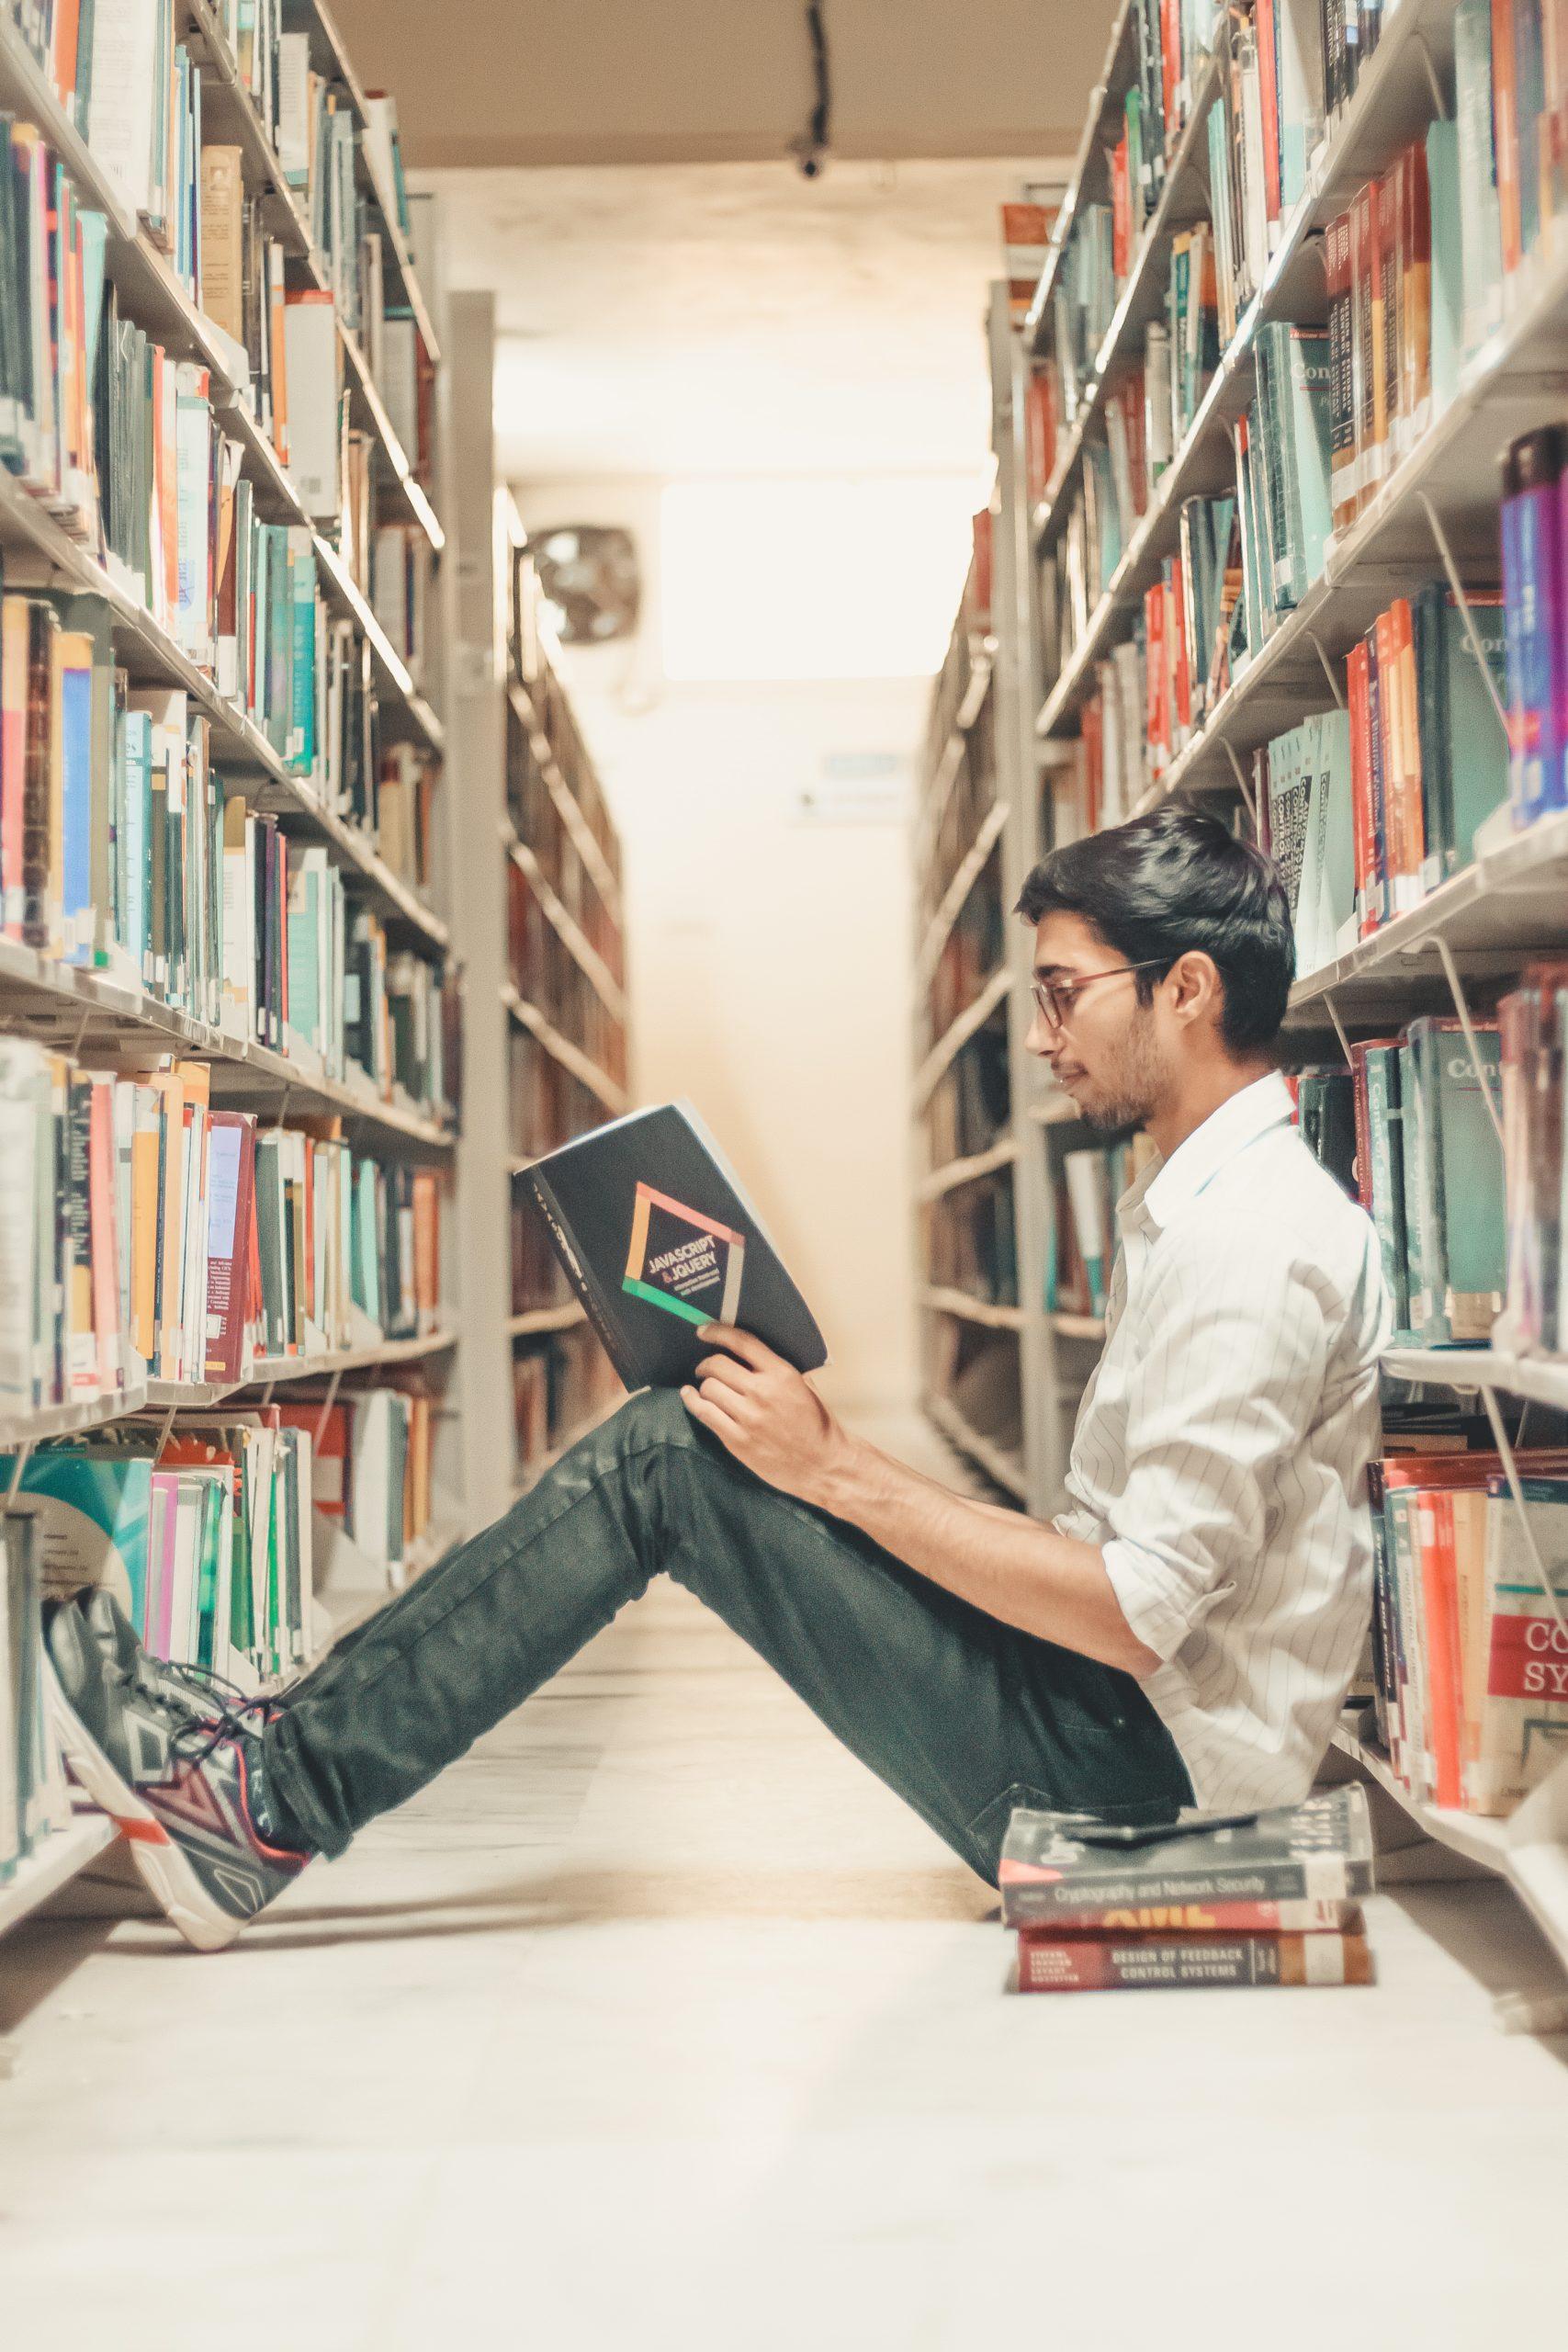 Student lernt in der Bibliothek - Über Uns